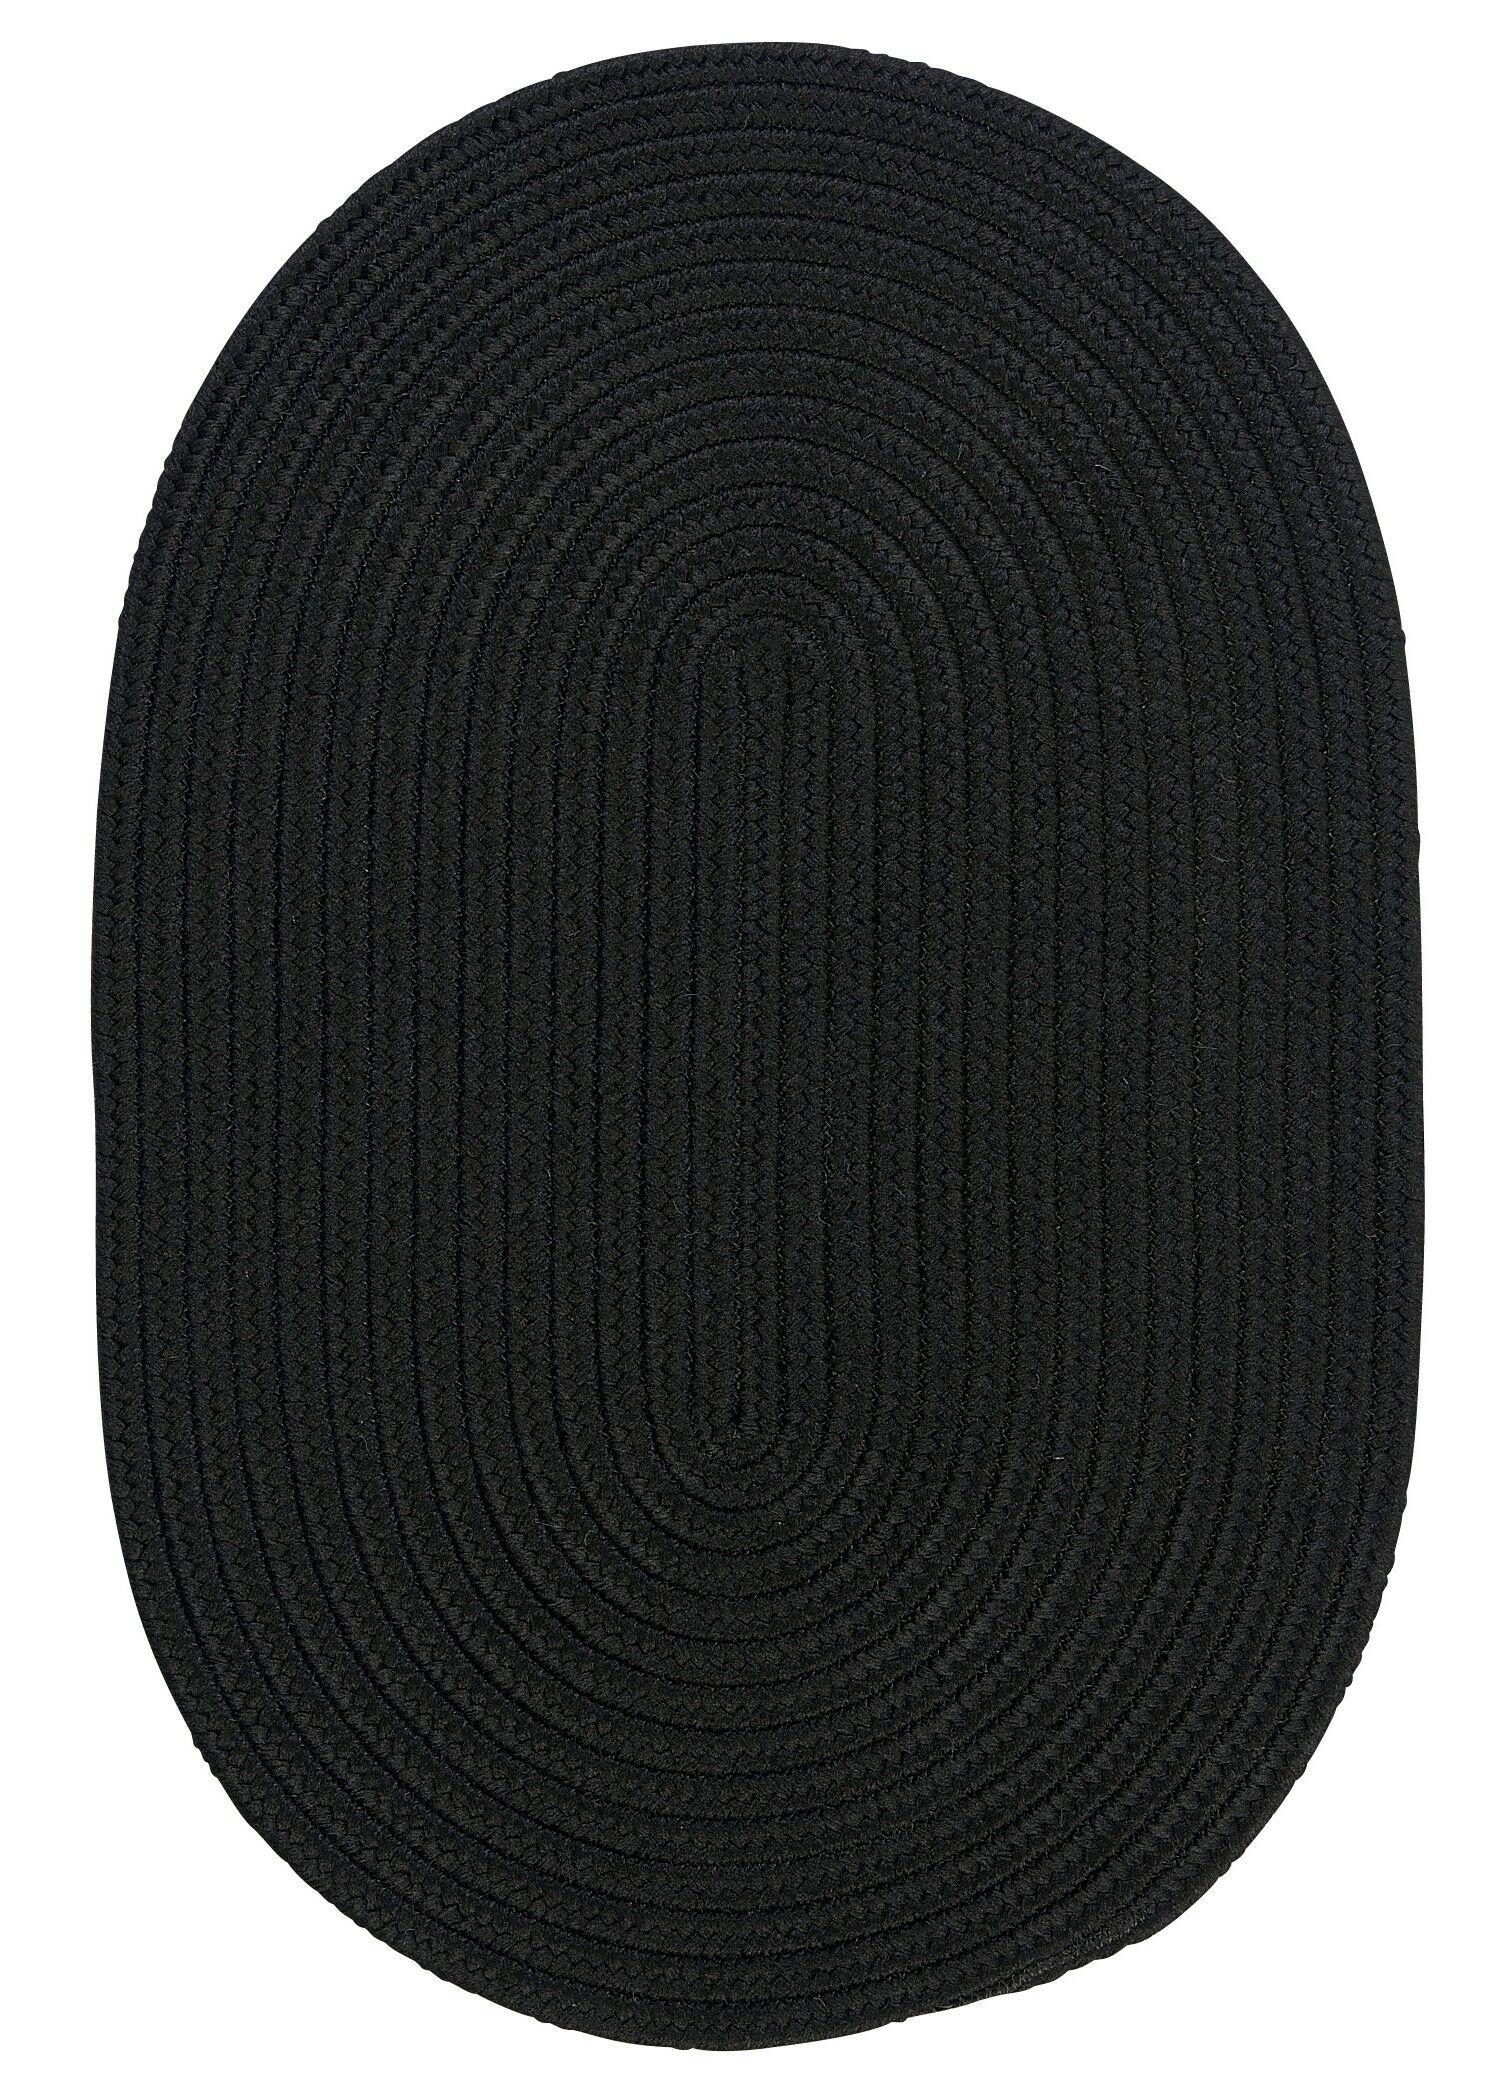 Mcintyre Black Indoor/Outdoor Area Rug Rug Size: Oval Runner 2' x 9'